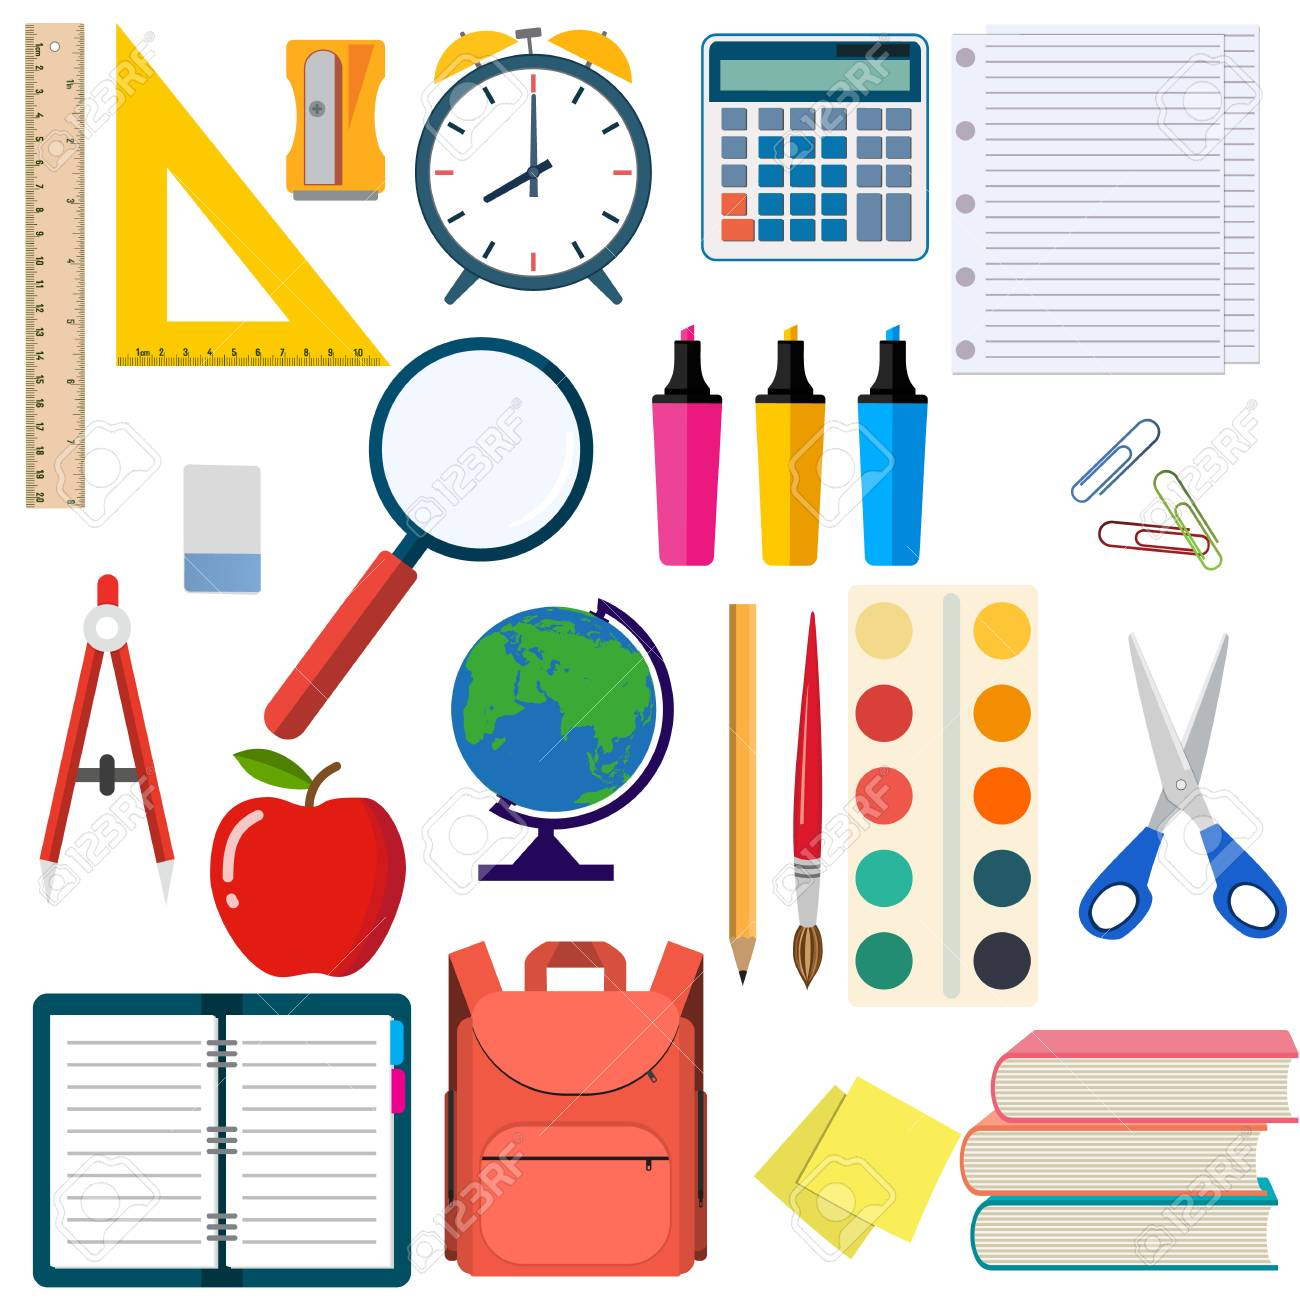 Listas de materiales escolares por grado y programa